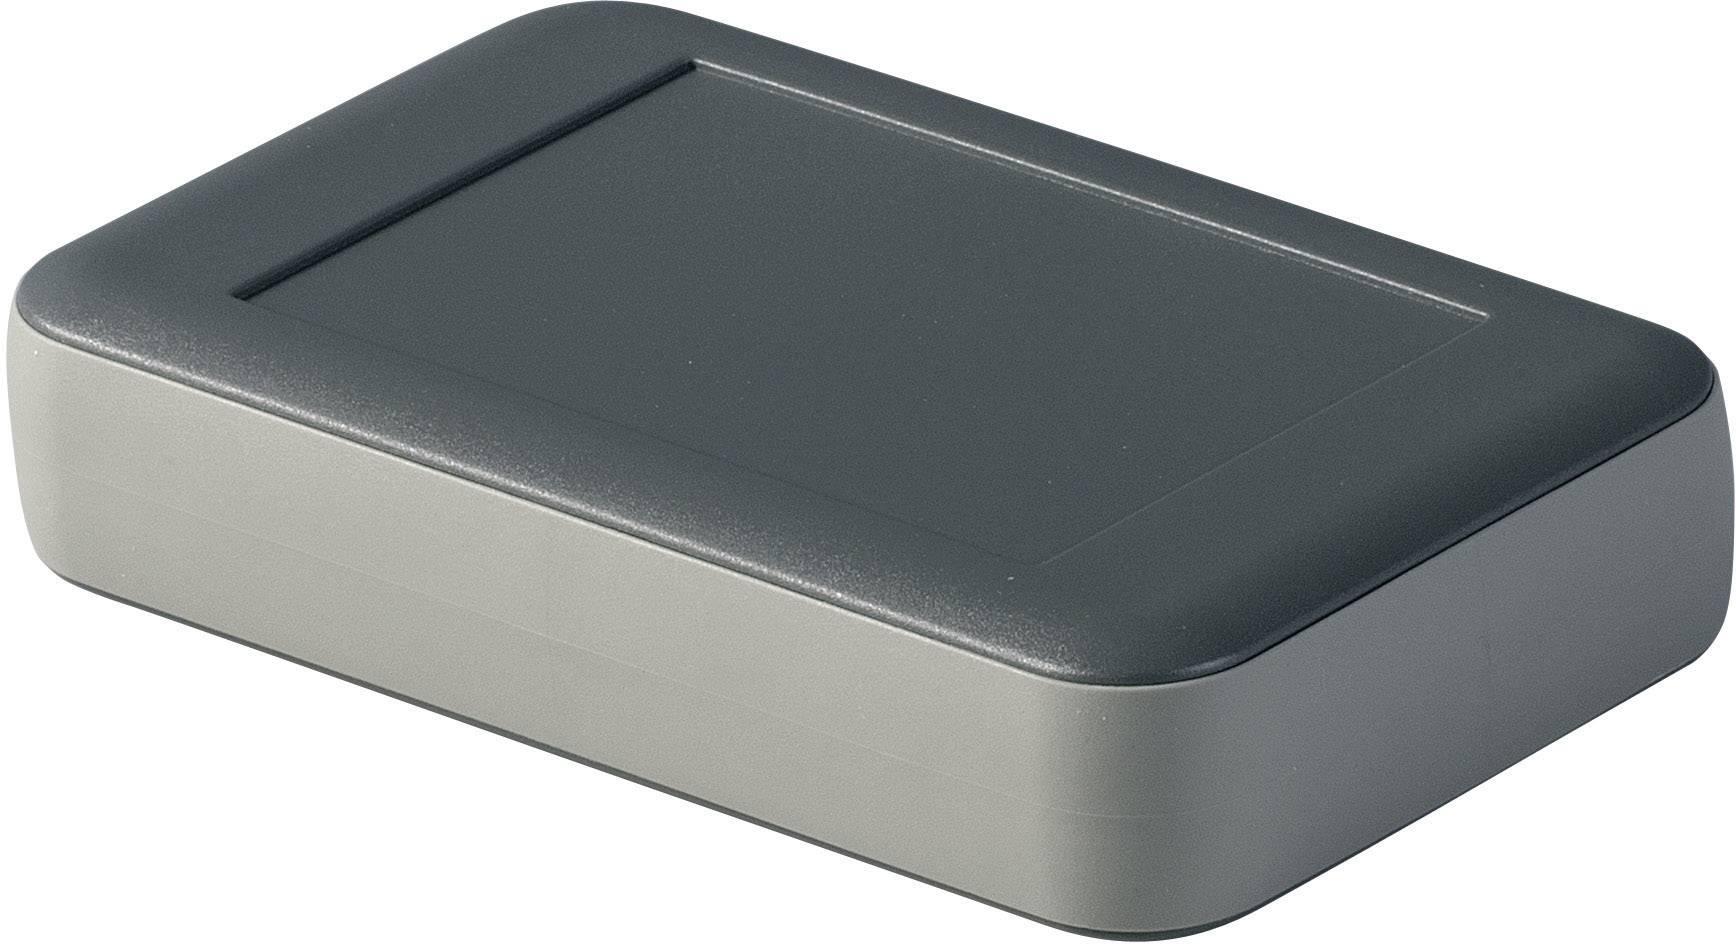 Stolní/nástěnné pouzdro ABS OKW D9053238, (d x š x v) 92 x 150 x 33 mm, antracitová